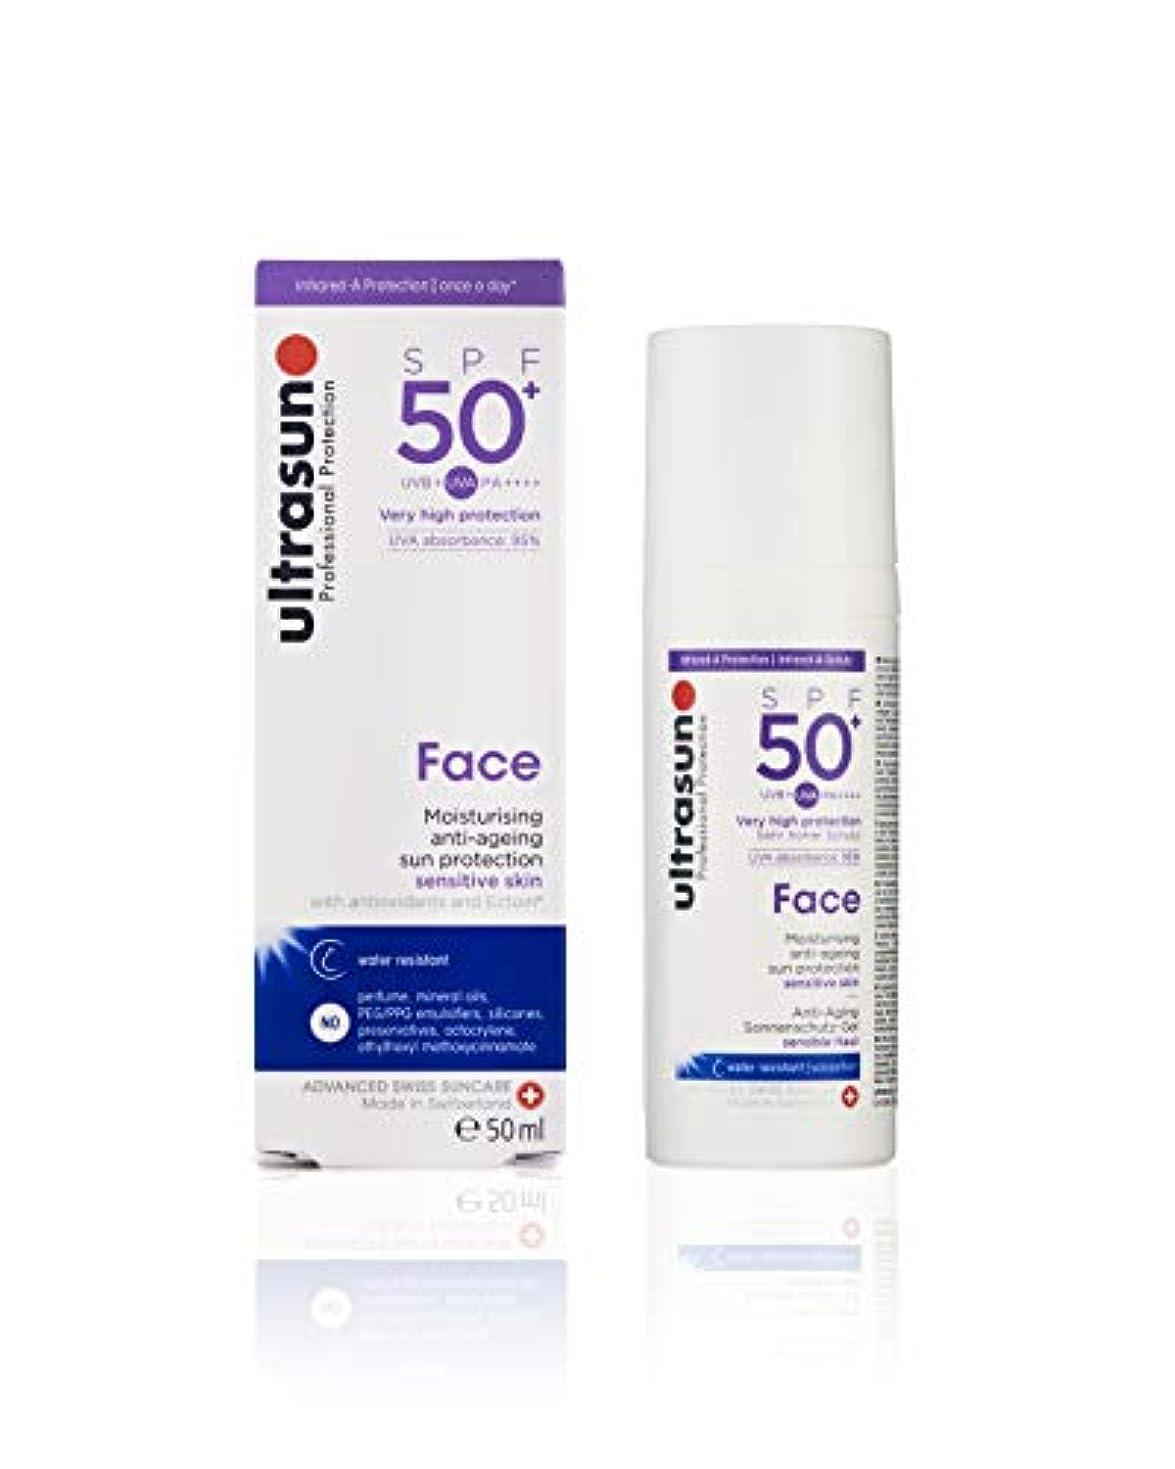 ビルダー会員読みやすさアルトラサン 日やけ止めクリーム フェイス UV 敏感肌用 SPF50+ PA++++ トリプルプロテクション 50mL